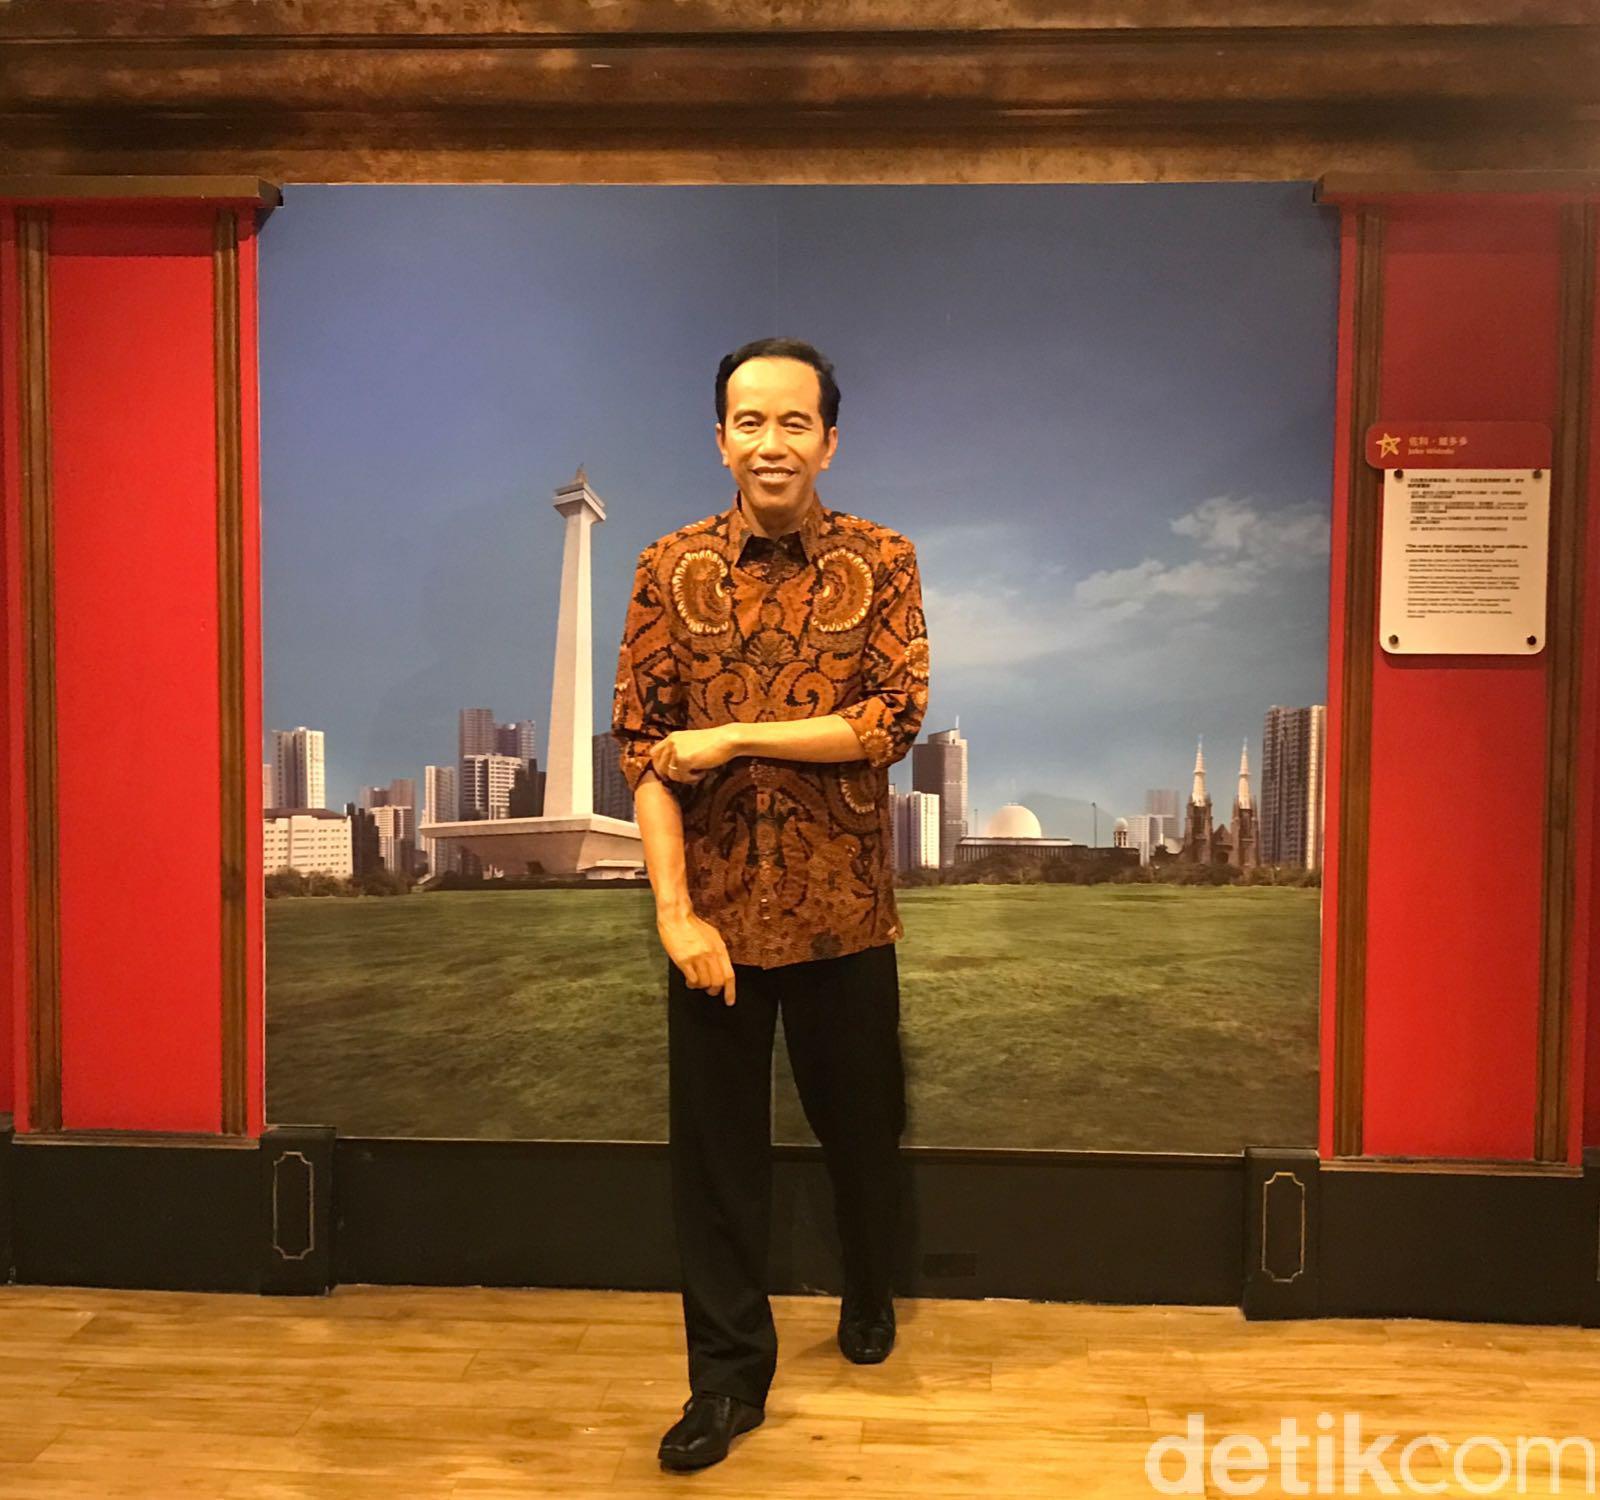 Patung Lilin Jokowi Kenakan Batik/